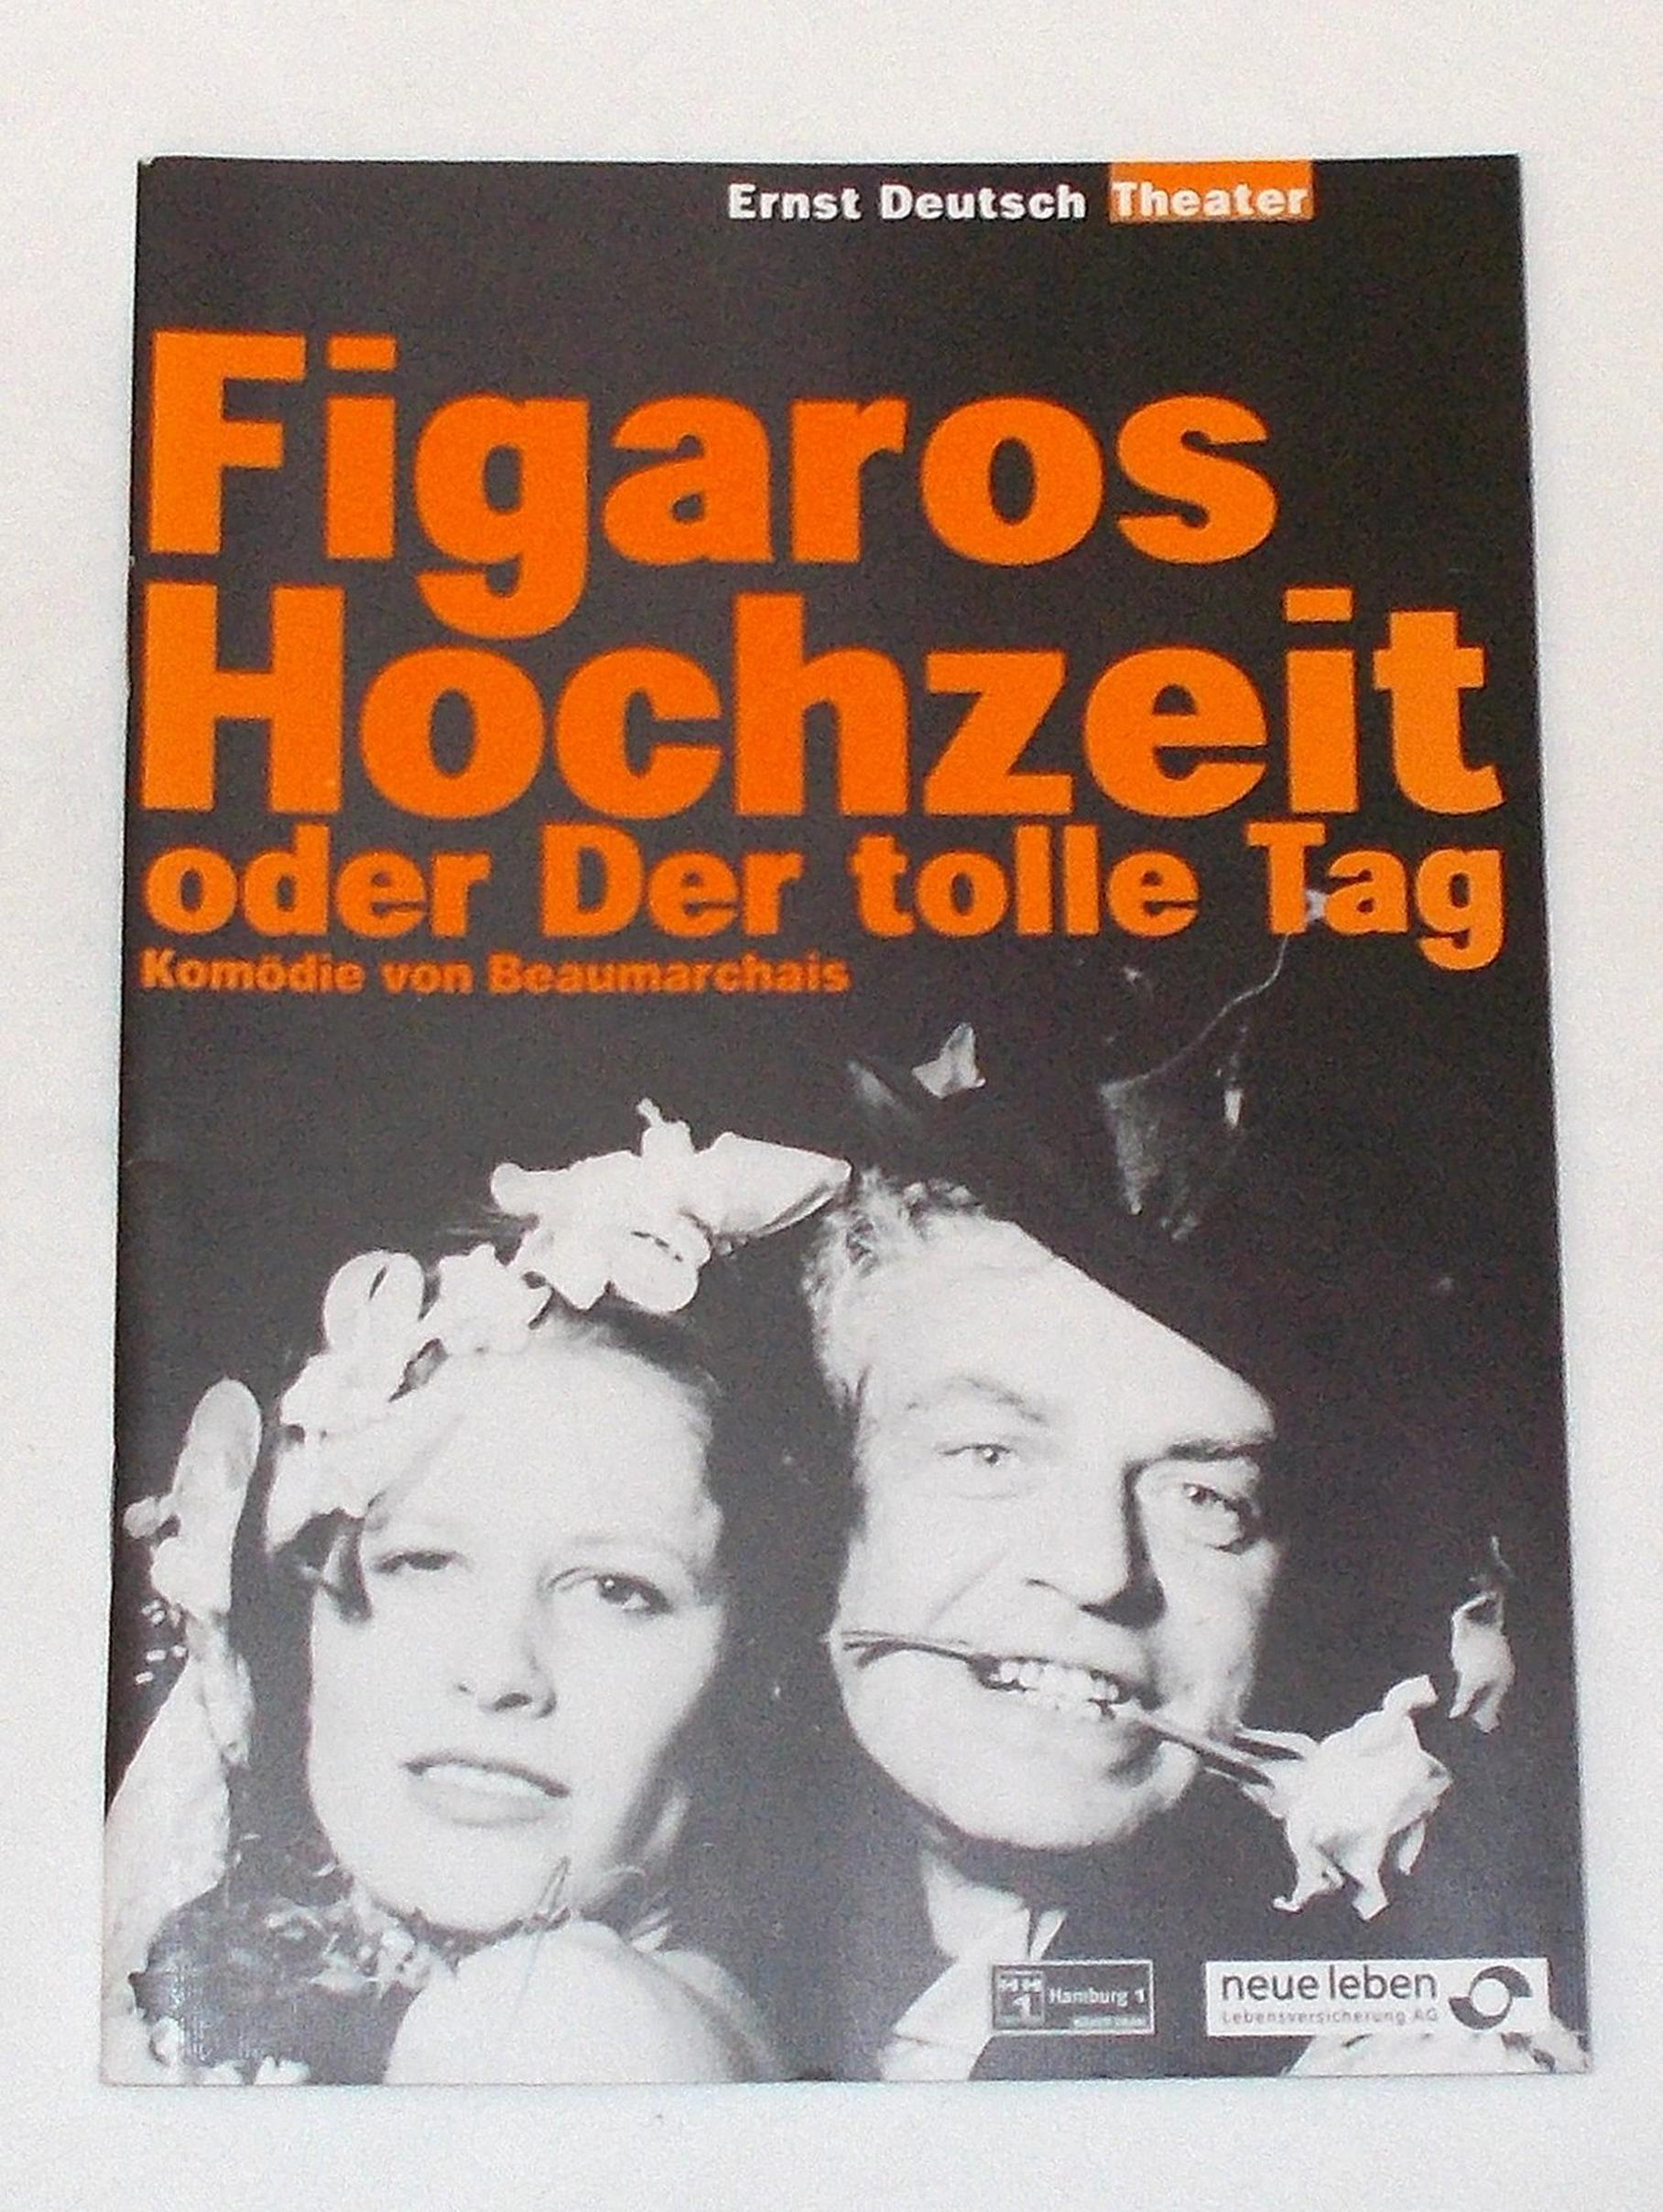 Programmheft Figaros Hochzeit oder Der tolle Tag. Ernst Deutsch Theater 1999